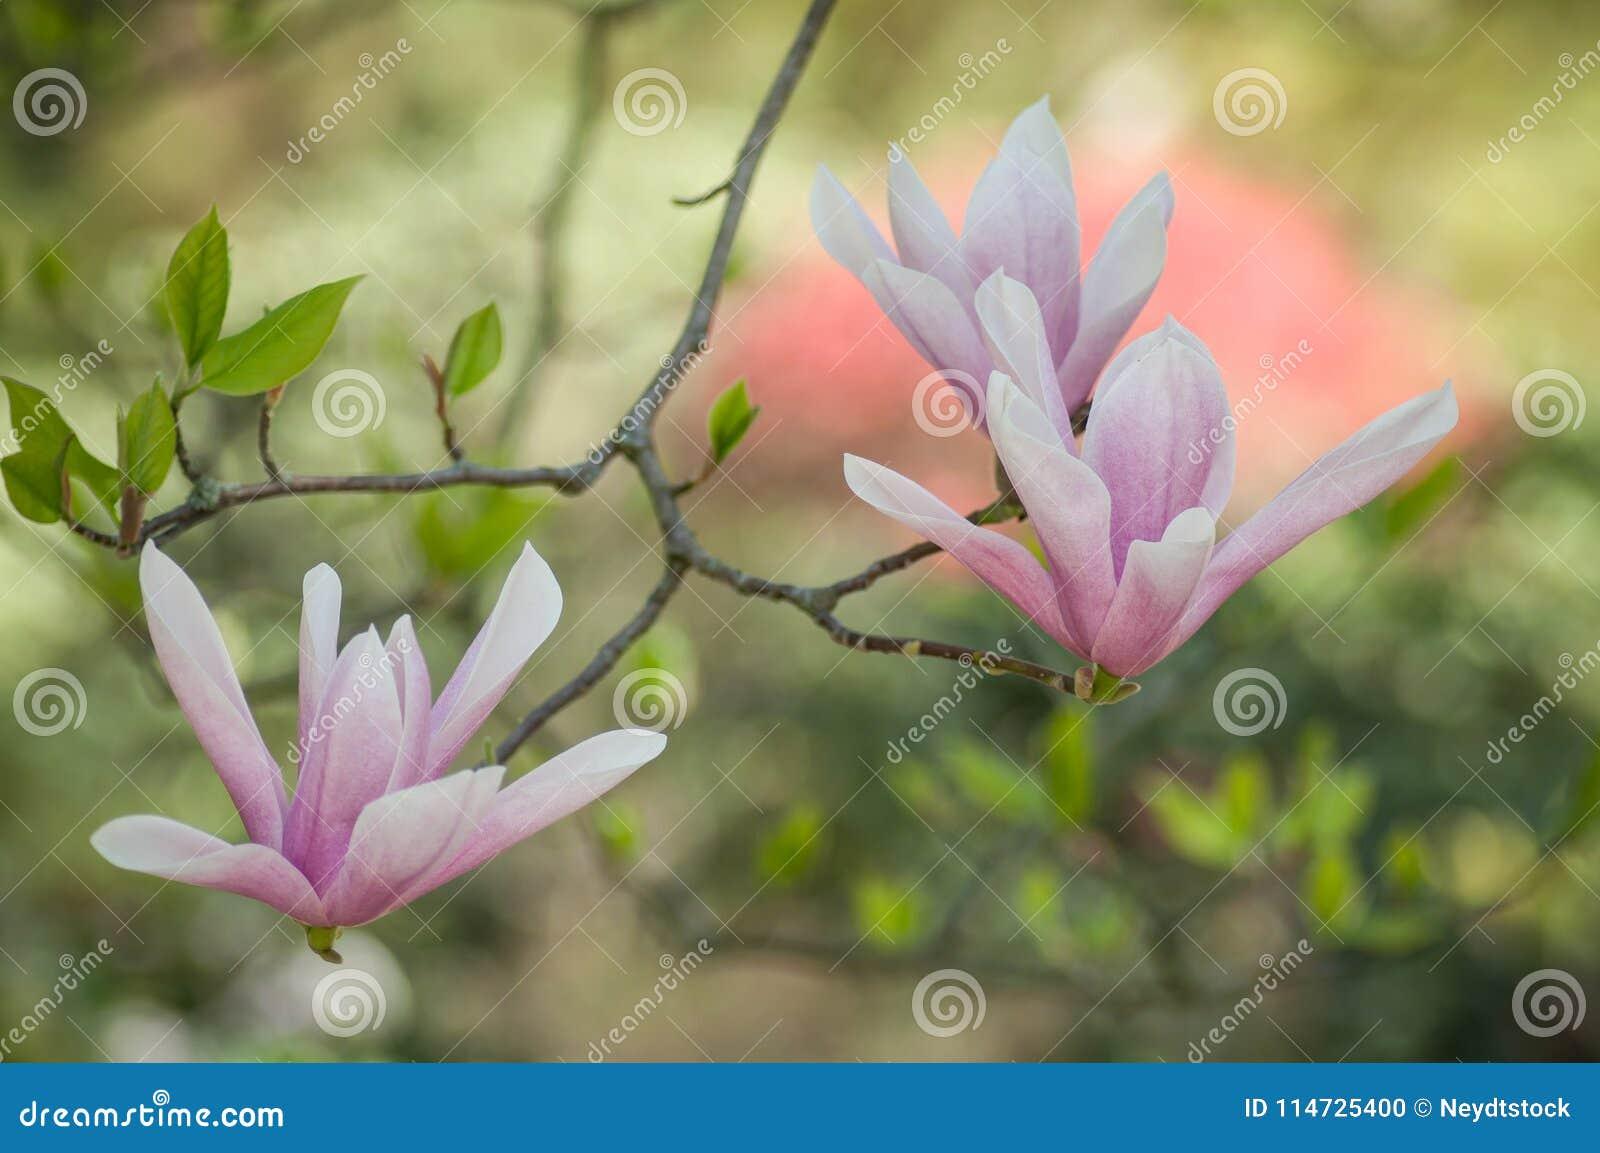 Fleur cor-de-rosa da magnólia na mola